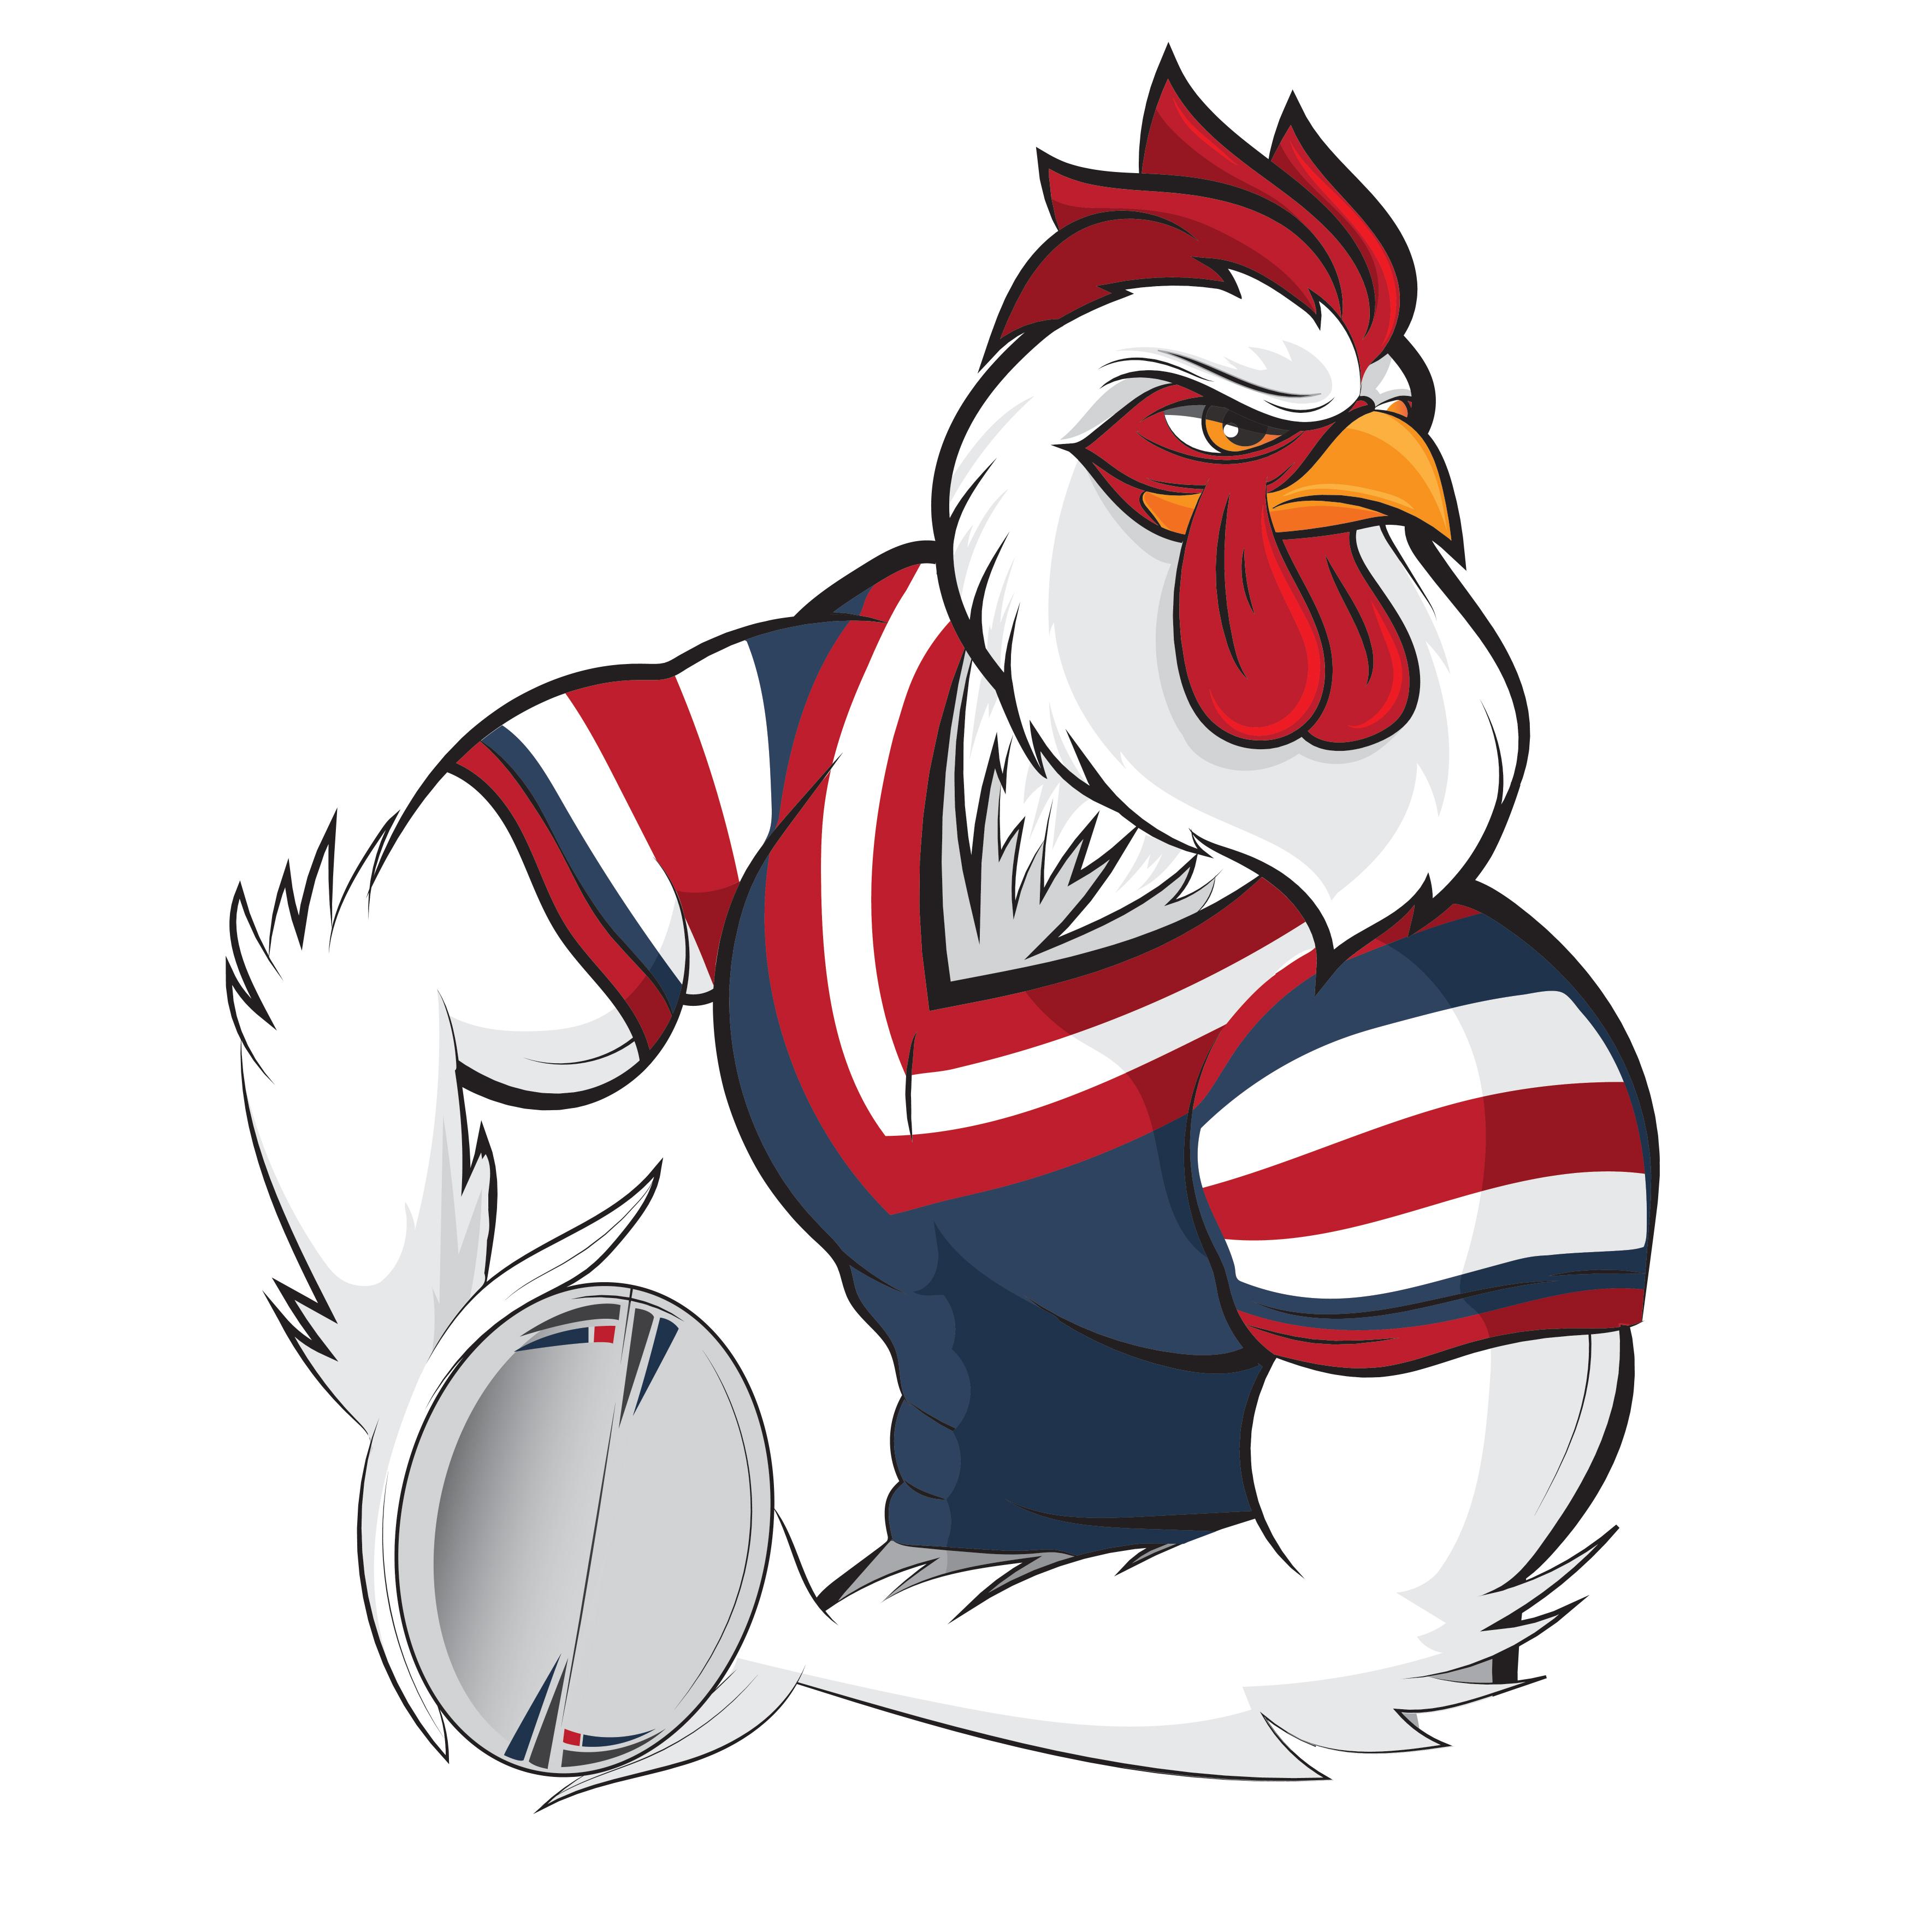 29a0db3c-de7a-4566-ab0b-894144f13da3_sydney-roosters.jpg